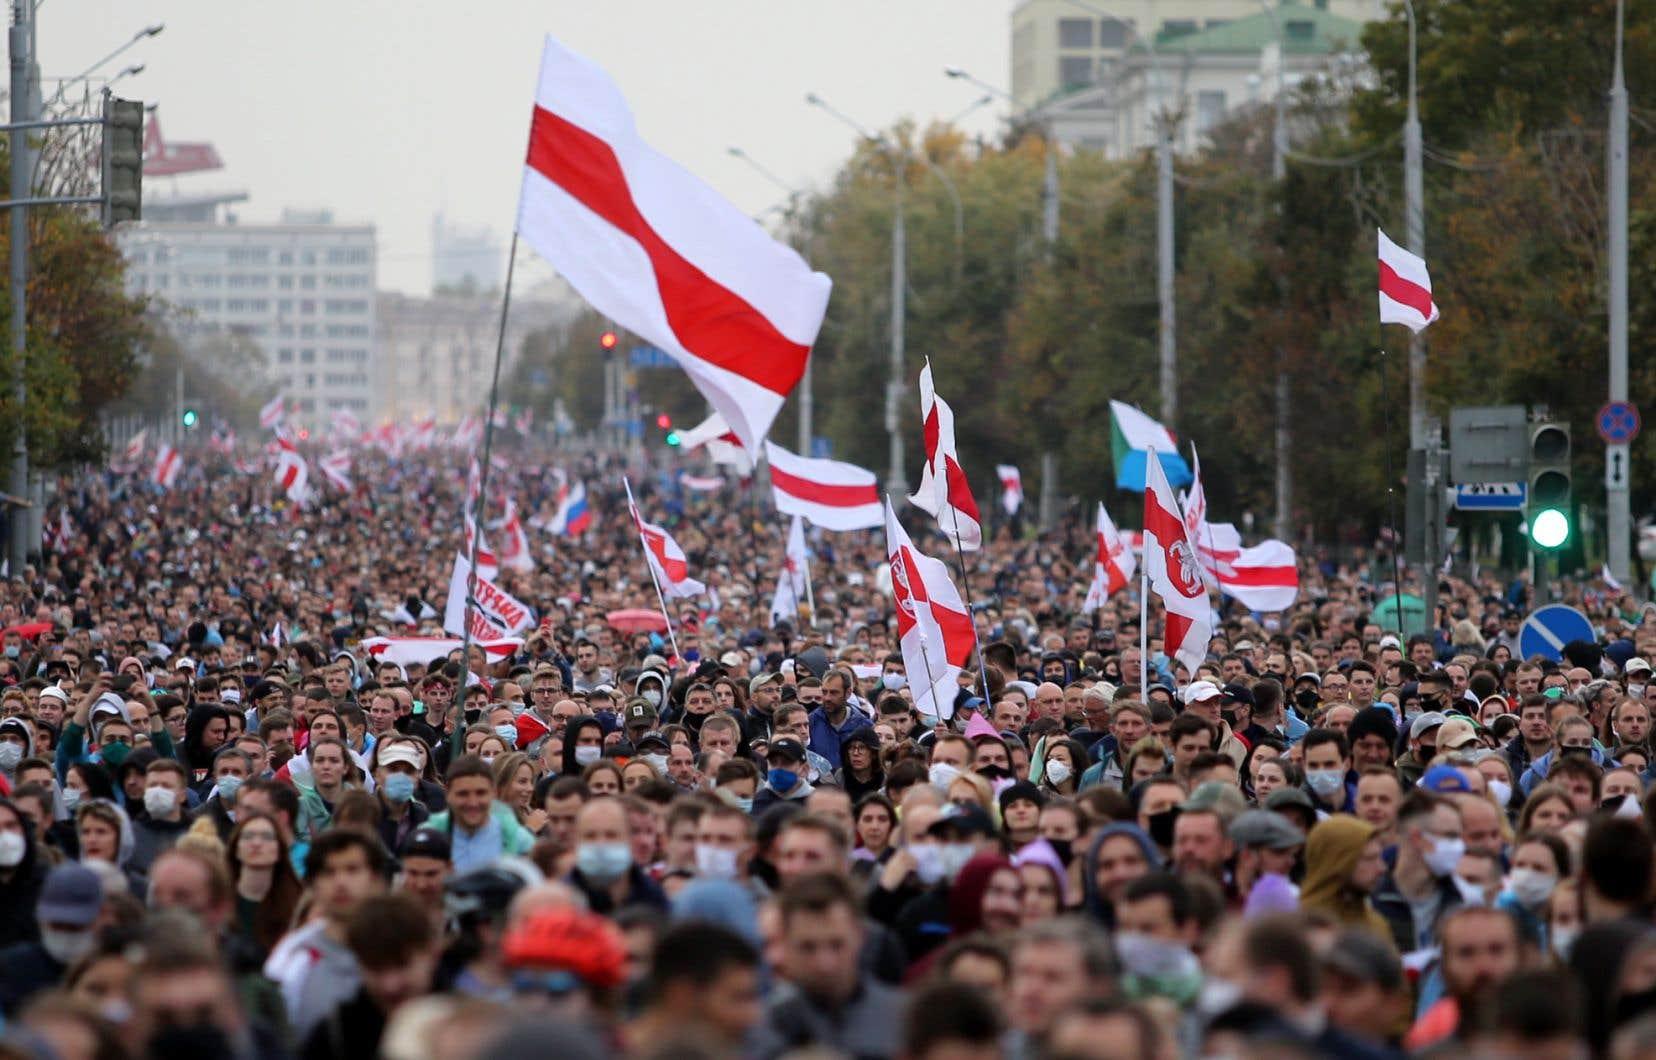 Des partisans de l'opposition défilent dans les rues de Minsk le 27 septembre 2020.